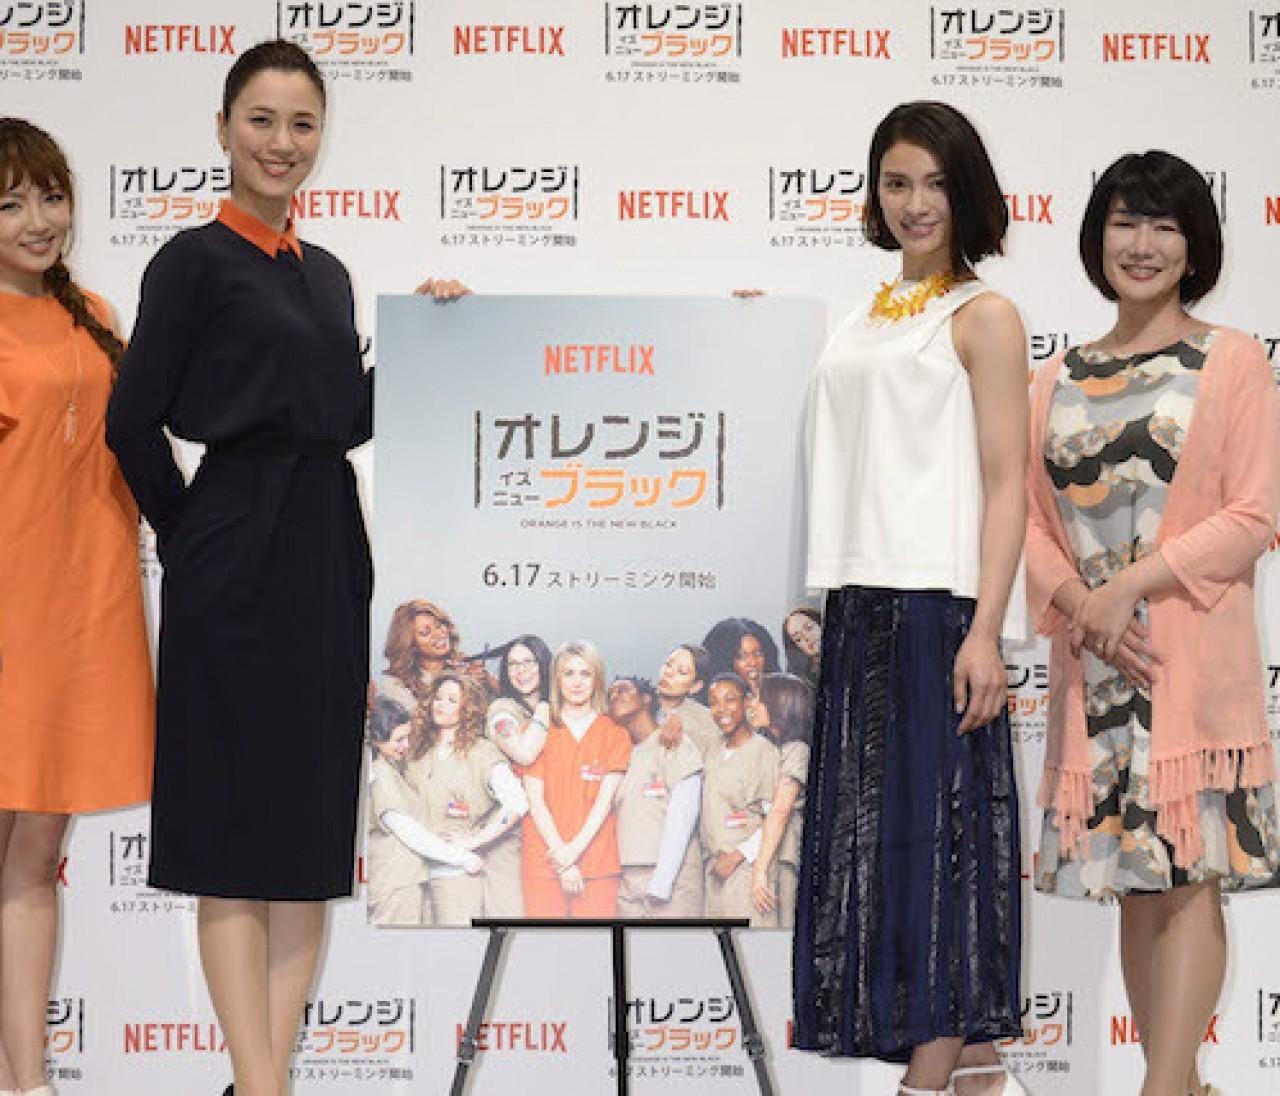 人気ドラマ『オレンジ・イズ・ニュー・ブラック』に学ぶ「女の園で生き抜くための3つのルール」